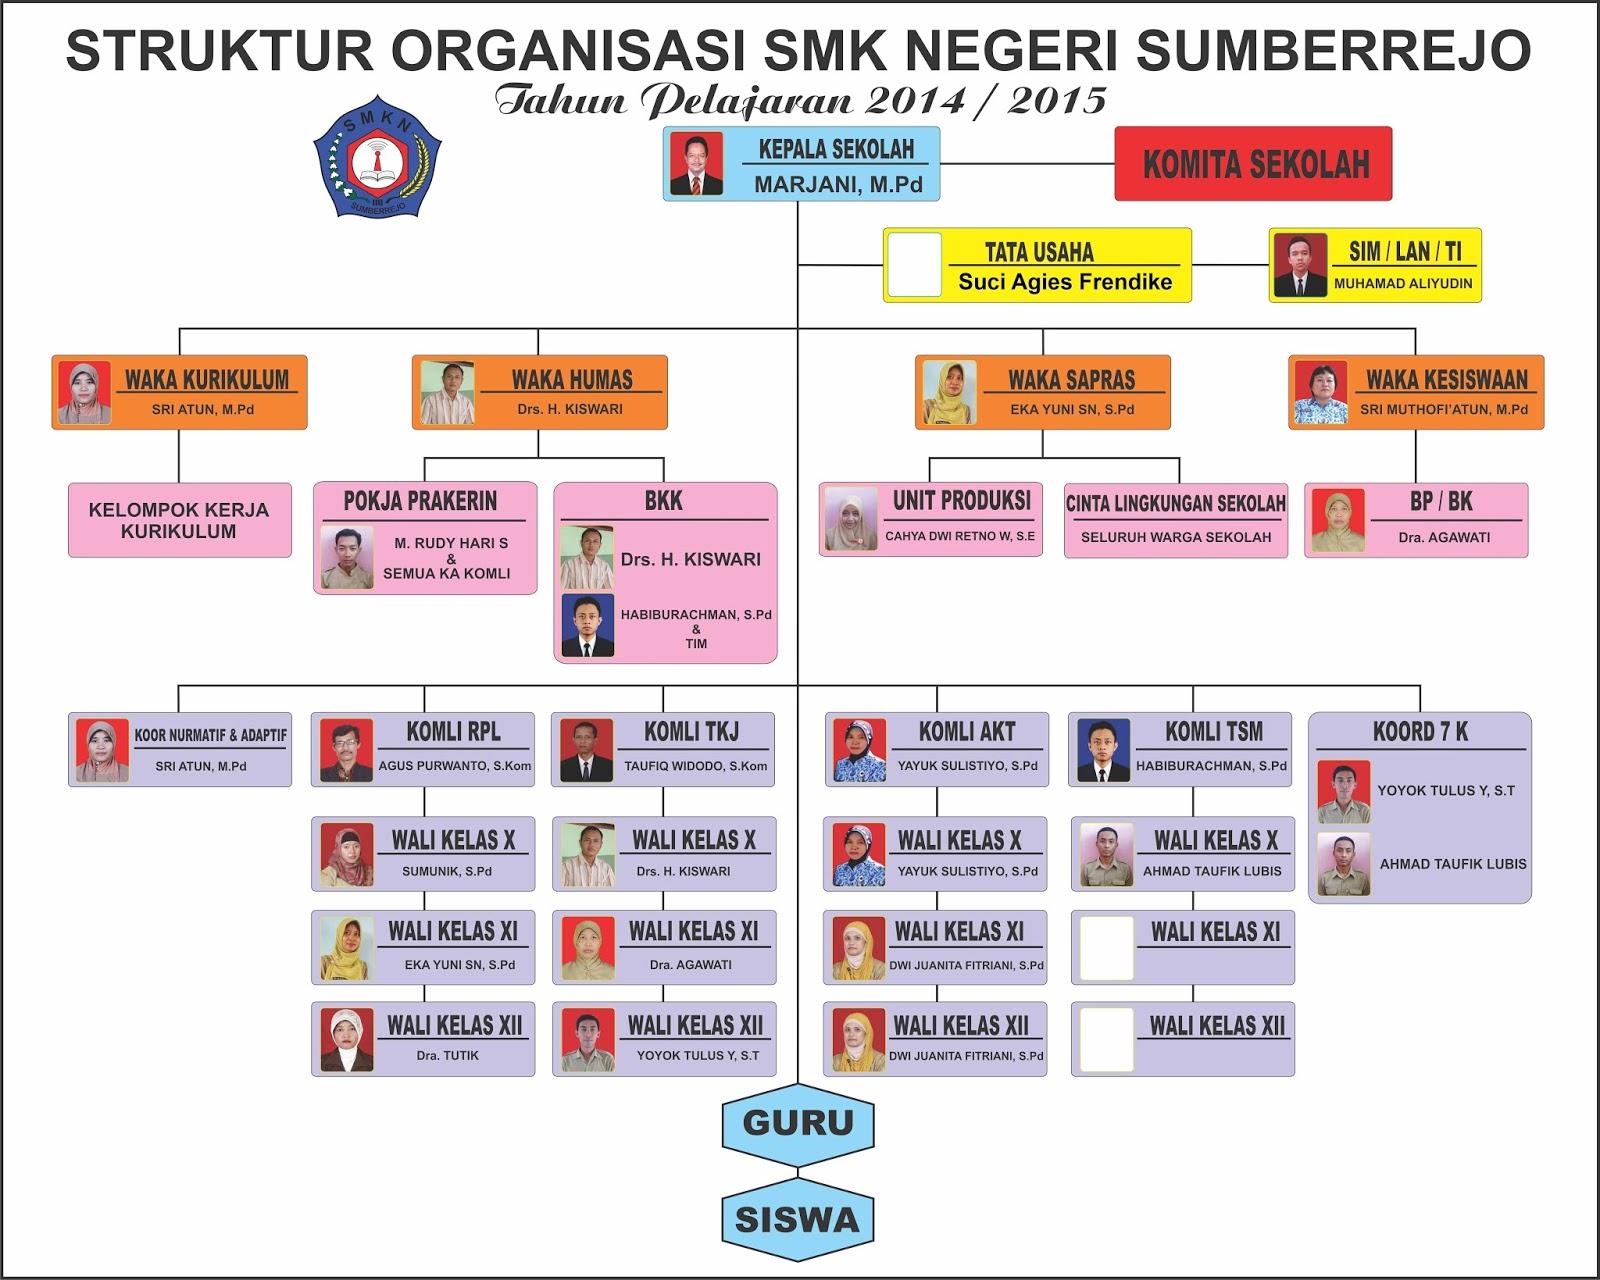 Struktur Organisasi Smk Negeri Sumberrejo Smk Negeri Sumberrejo